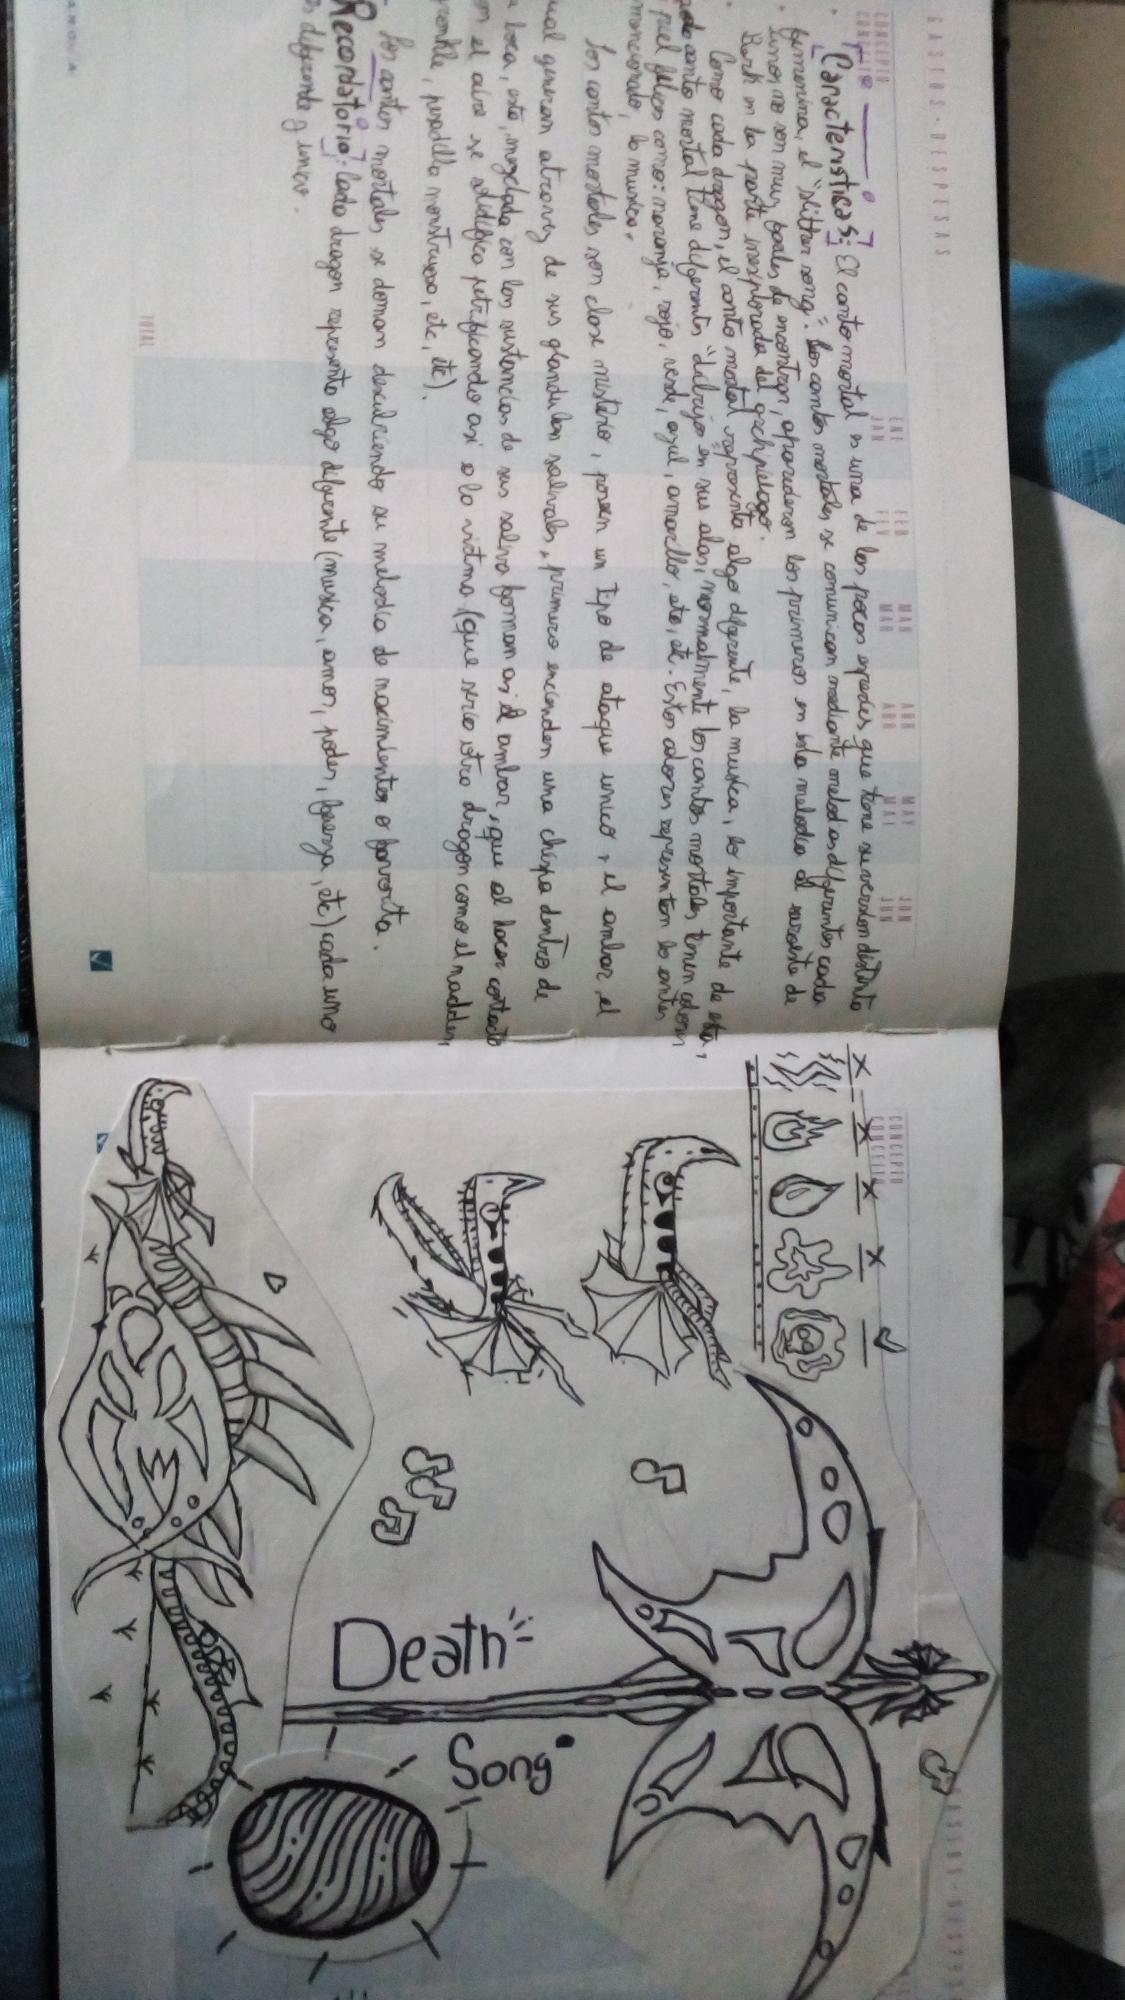 Miren esta foto antigua de un libro de dragones que hice hace mucho😂, díganme qué piensan.